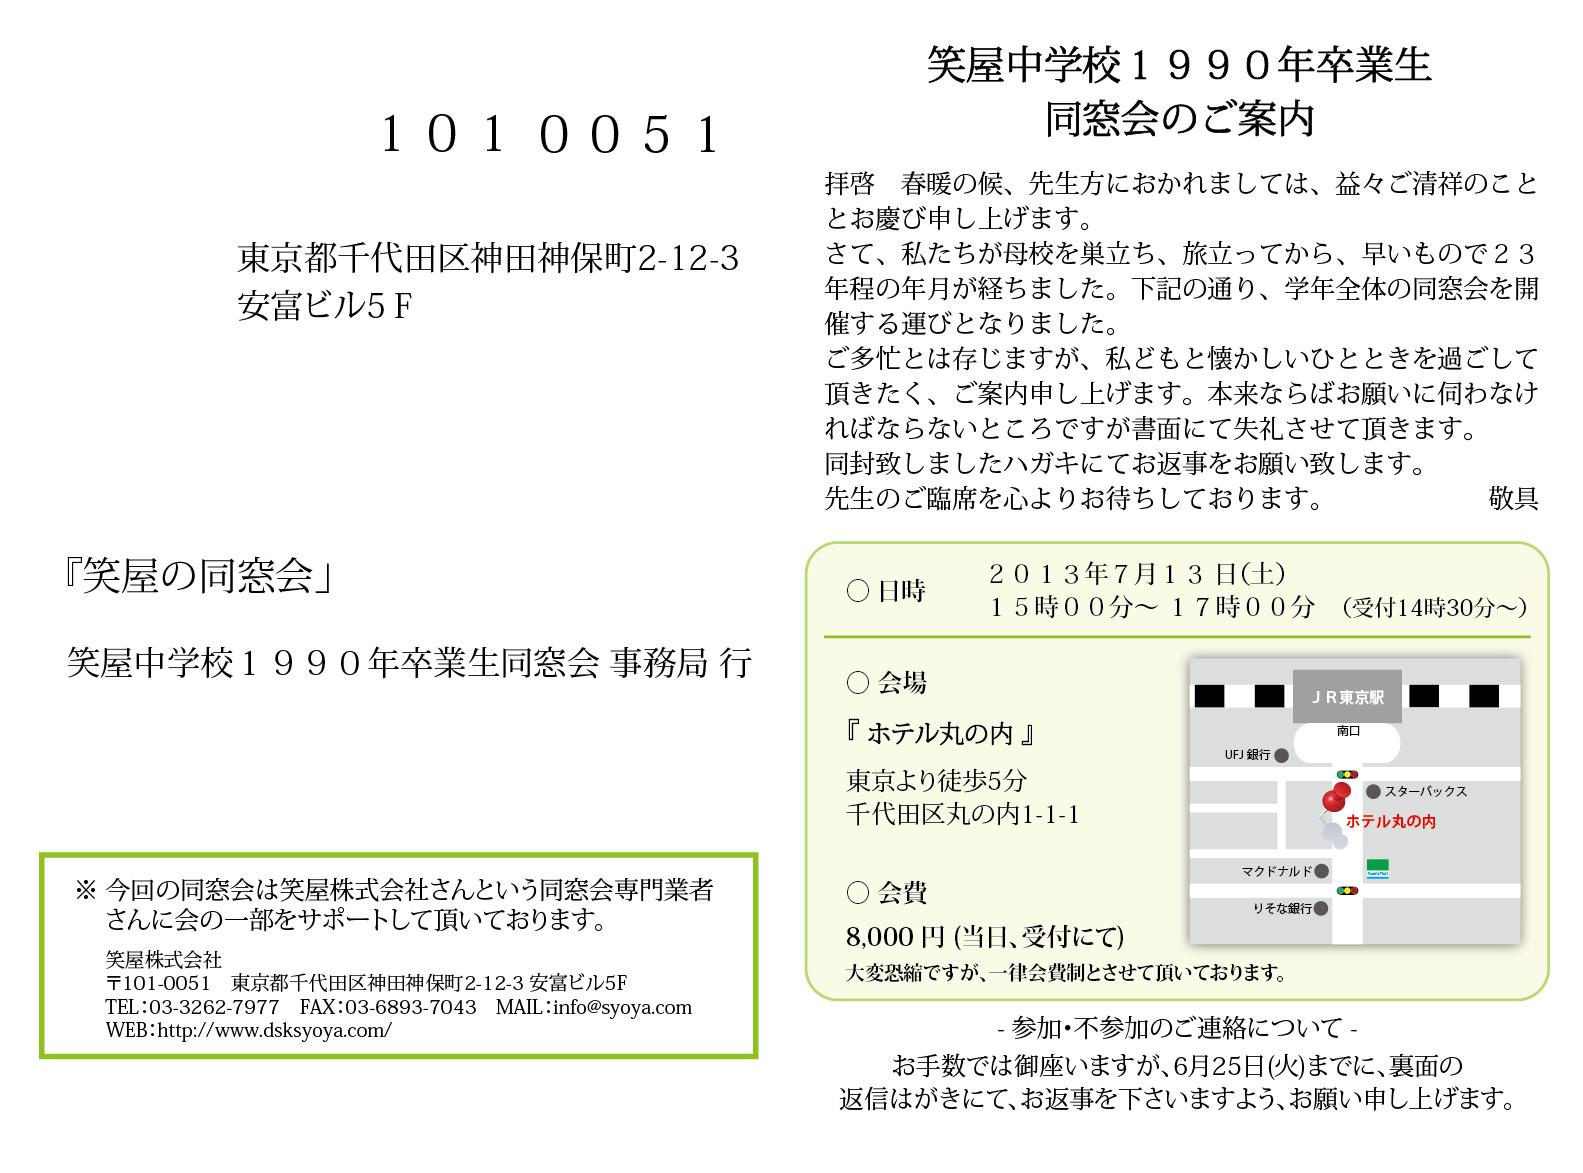 【先生招待状】サンプル-01